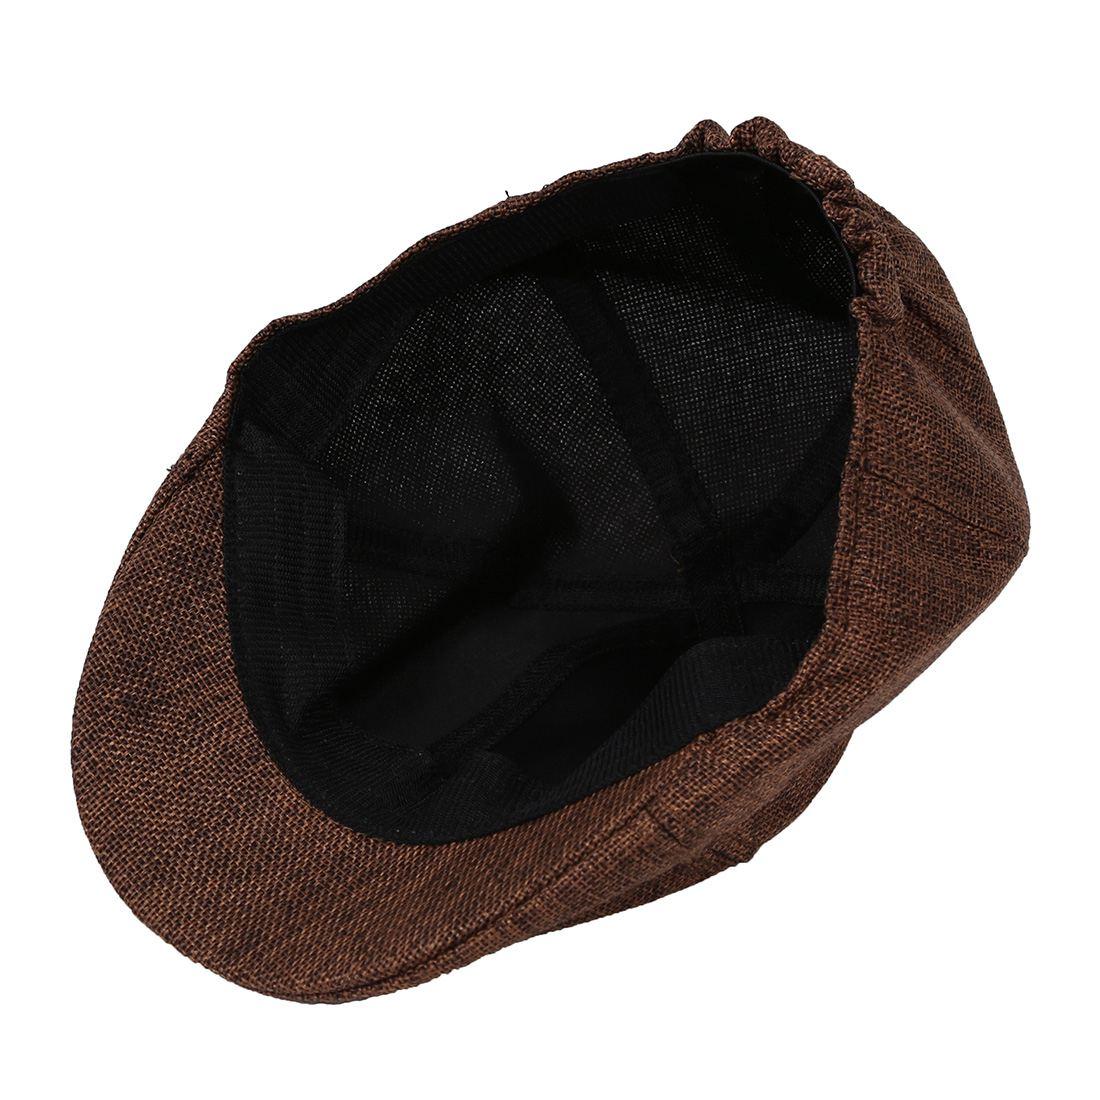 Gorra Gatsby Sistema de Fluido Solido Sombrero de hiedra Golf ... a8de581dfbd